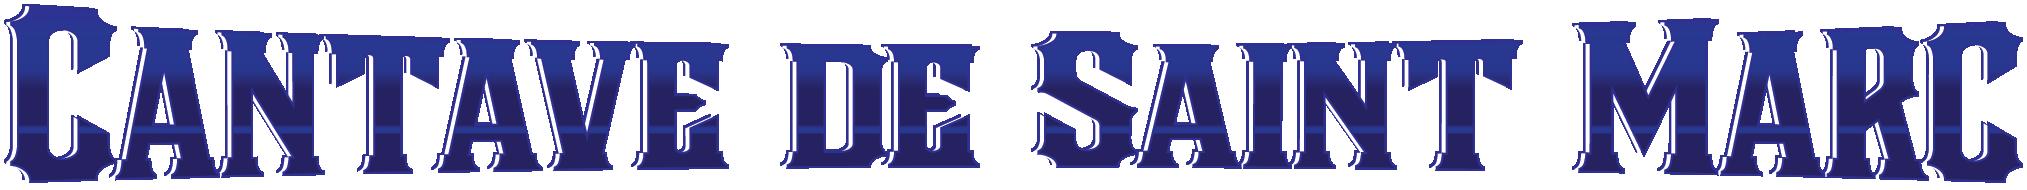 logo1-300dpi.png